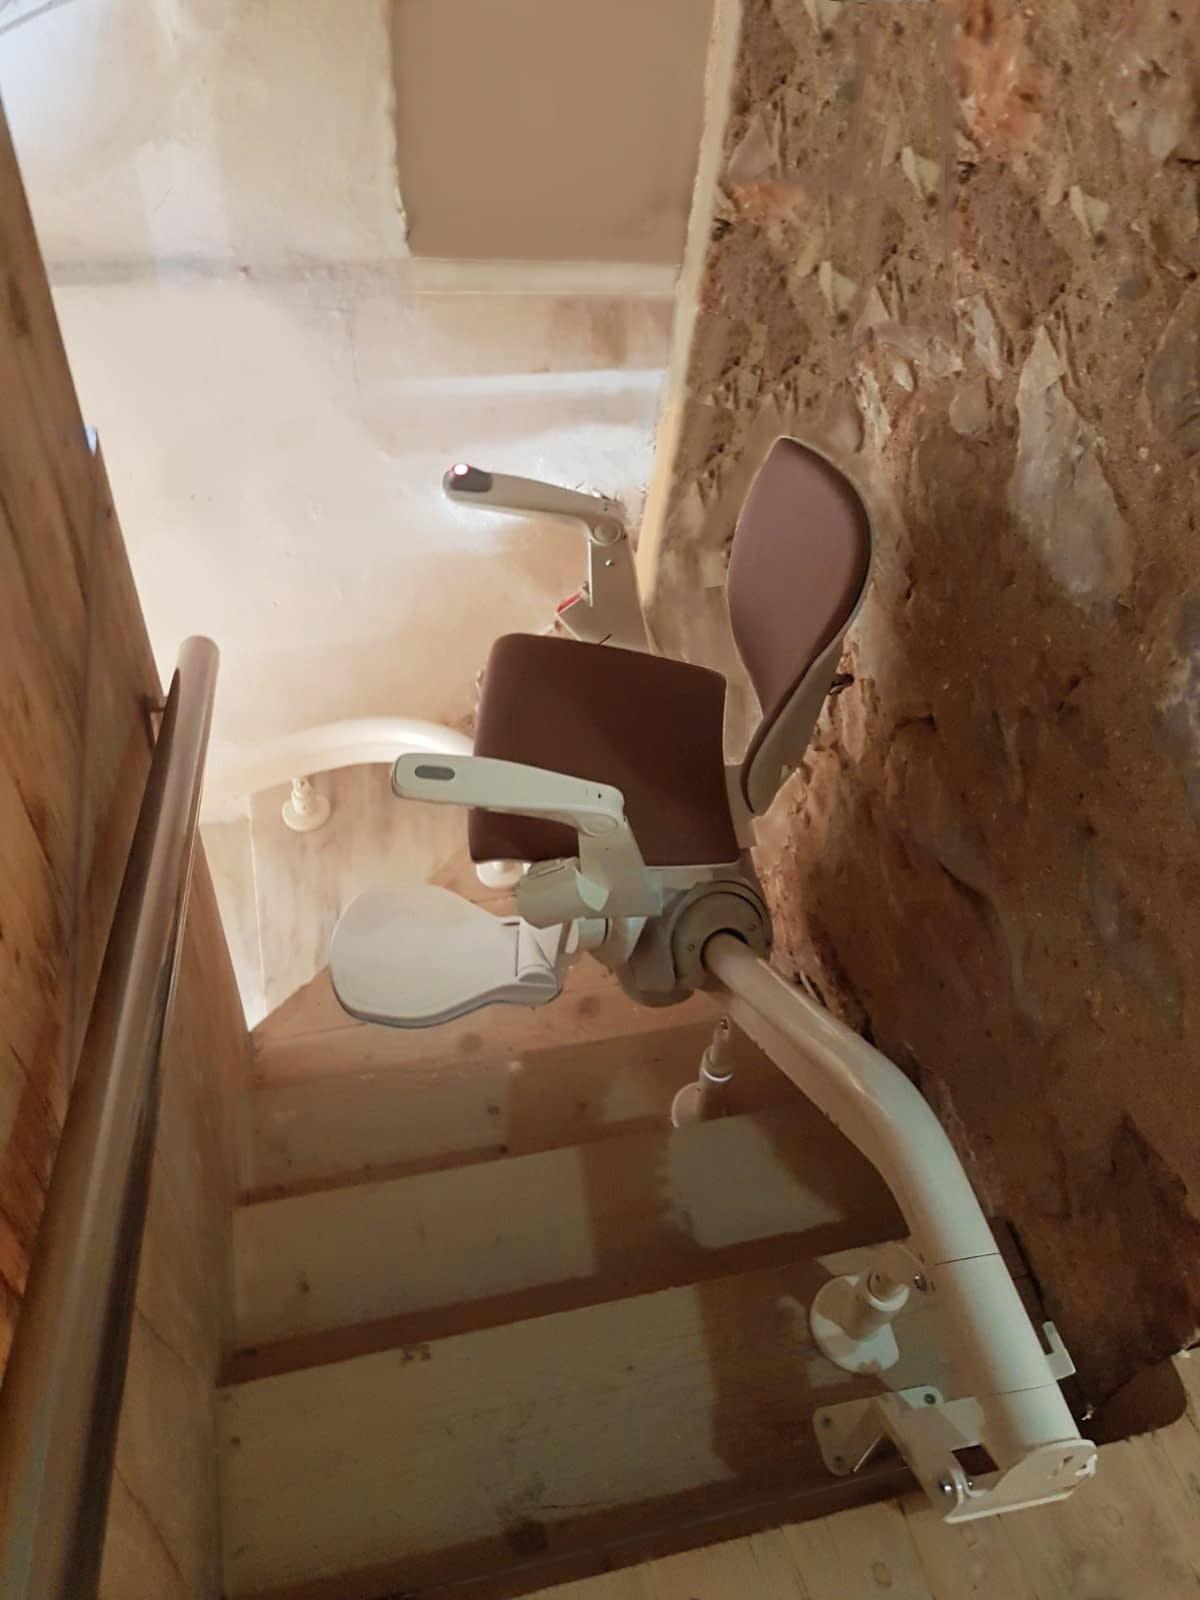 Ανελκυστήρας Σκάλας Μάνη Πελοπόννησος εγκατασταση